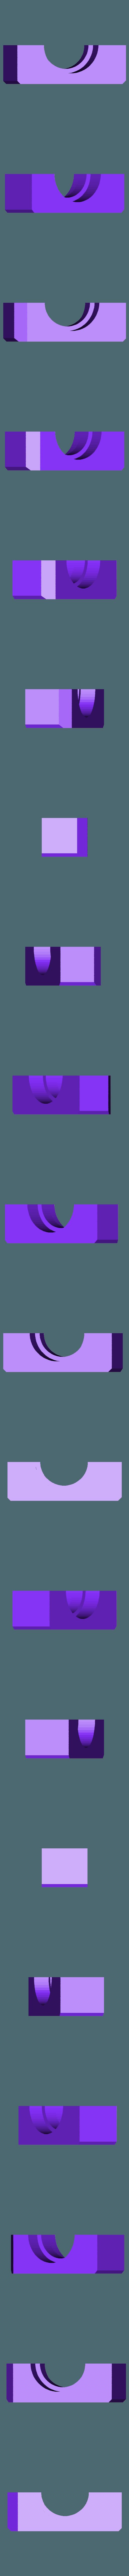 Printrbot_Multi_Pro_Front.stl Télécharger fichier STL gratuit Printrbot Multi • Objet à imprimer en 3D, rushmere3d